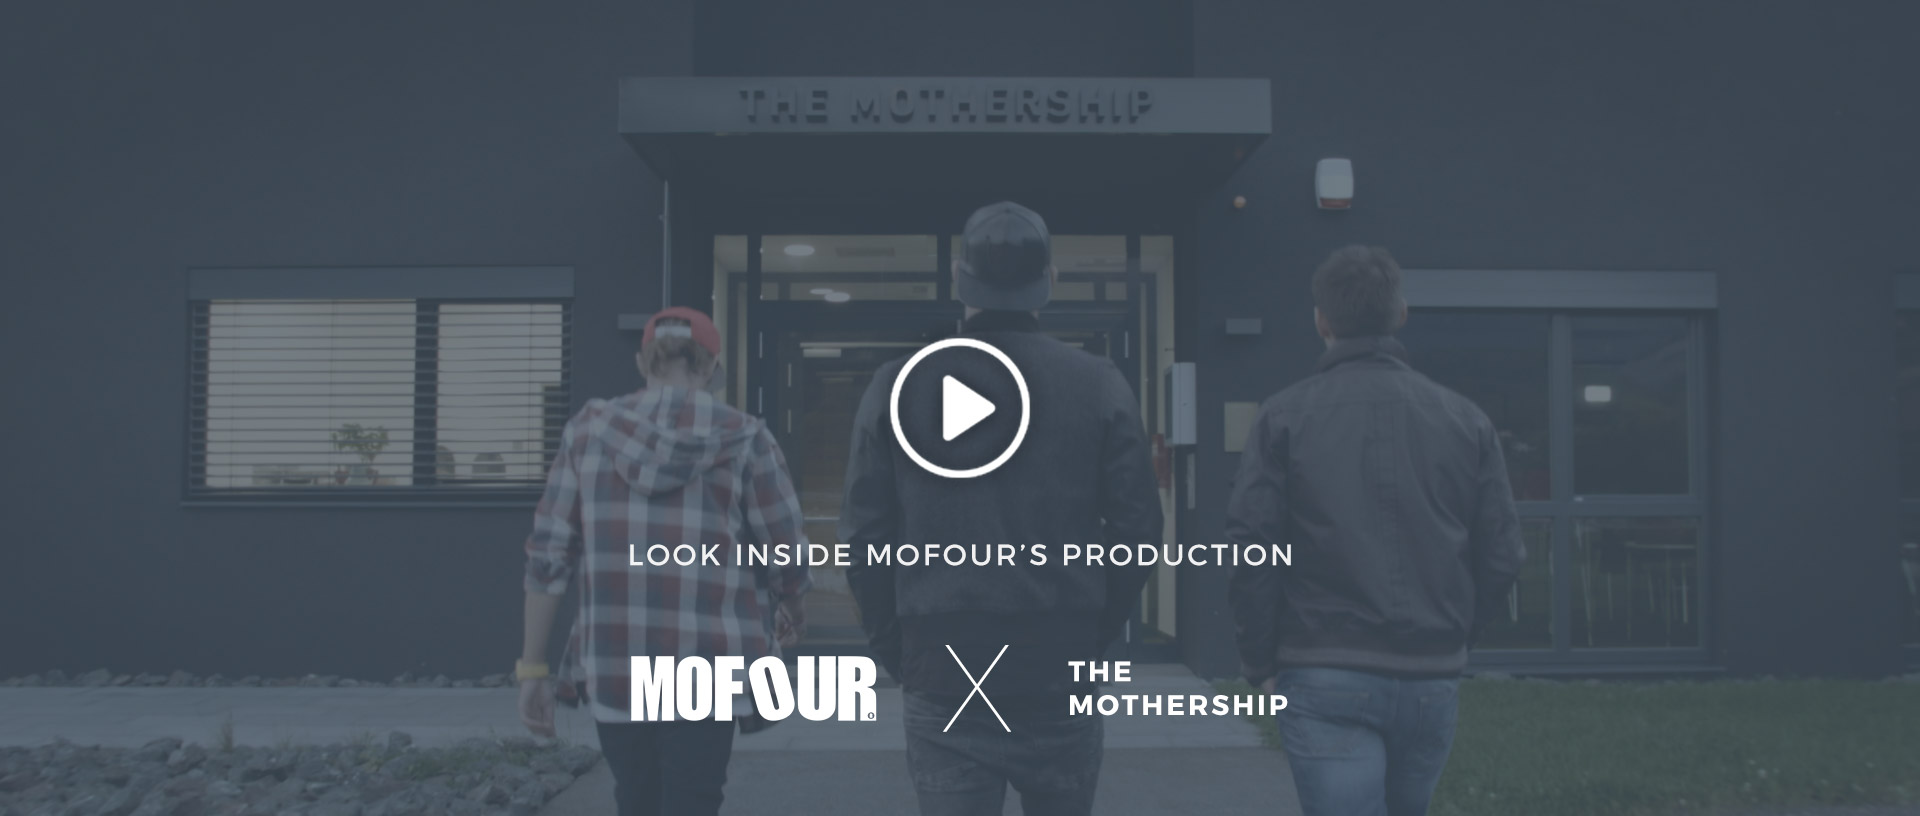 Mofour 2017 Production Trailer